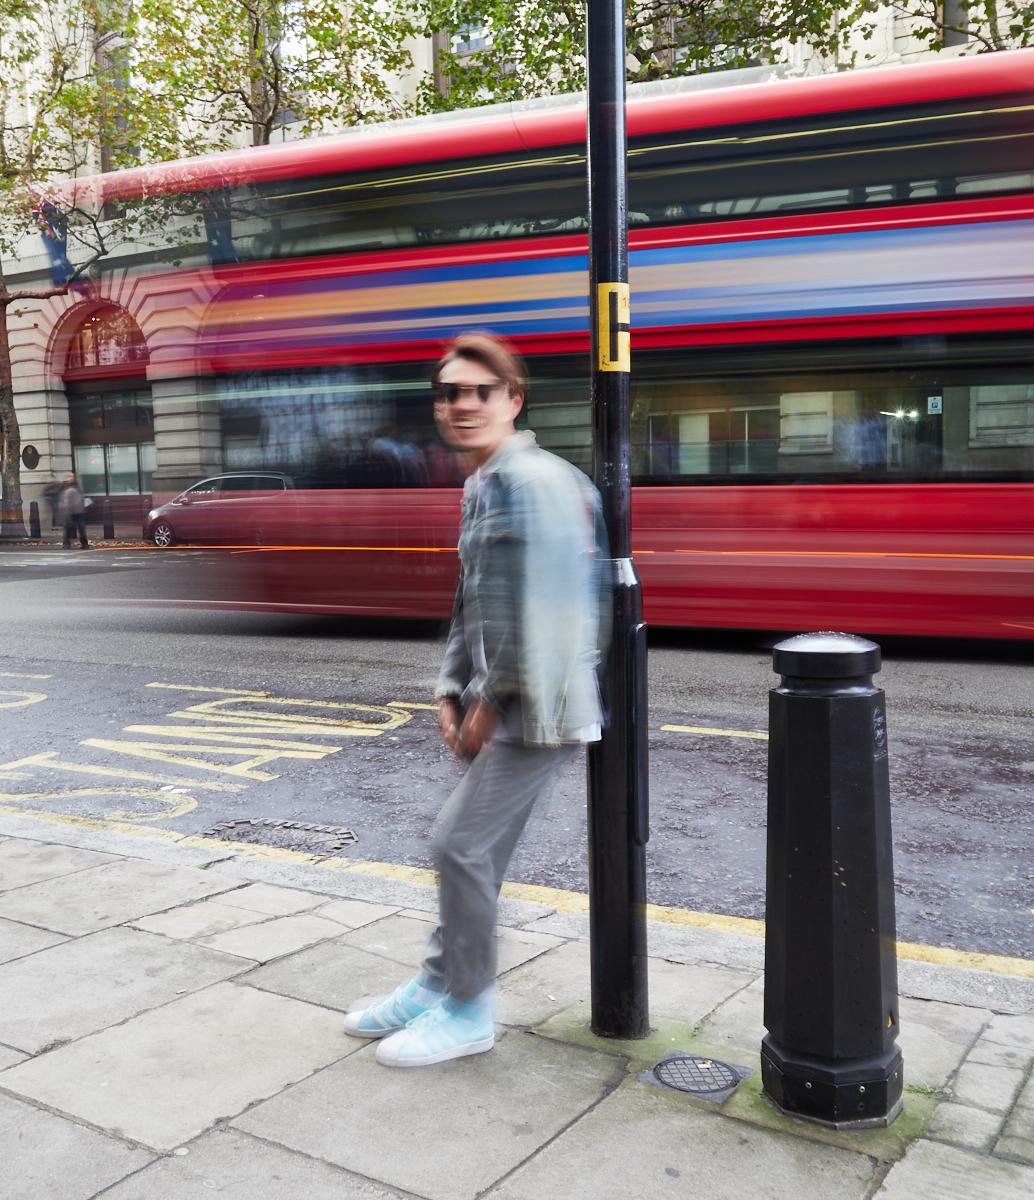 Fashion blur1600x1200 sRGB.jpg